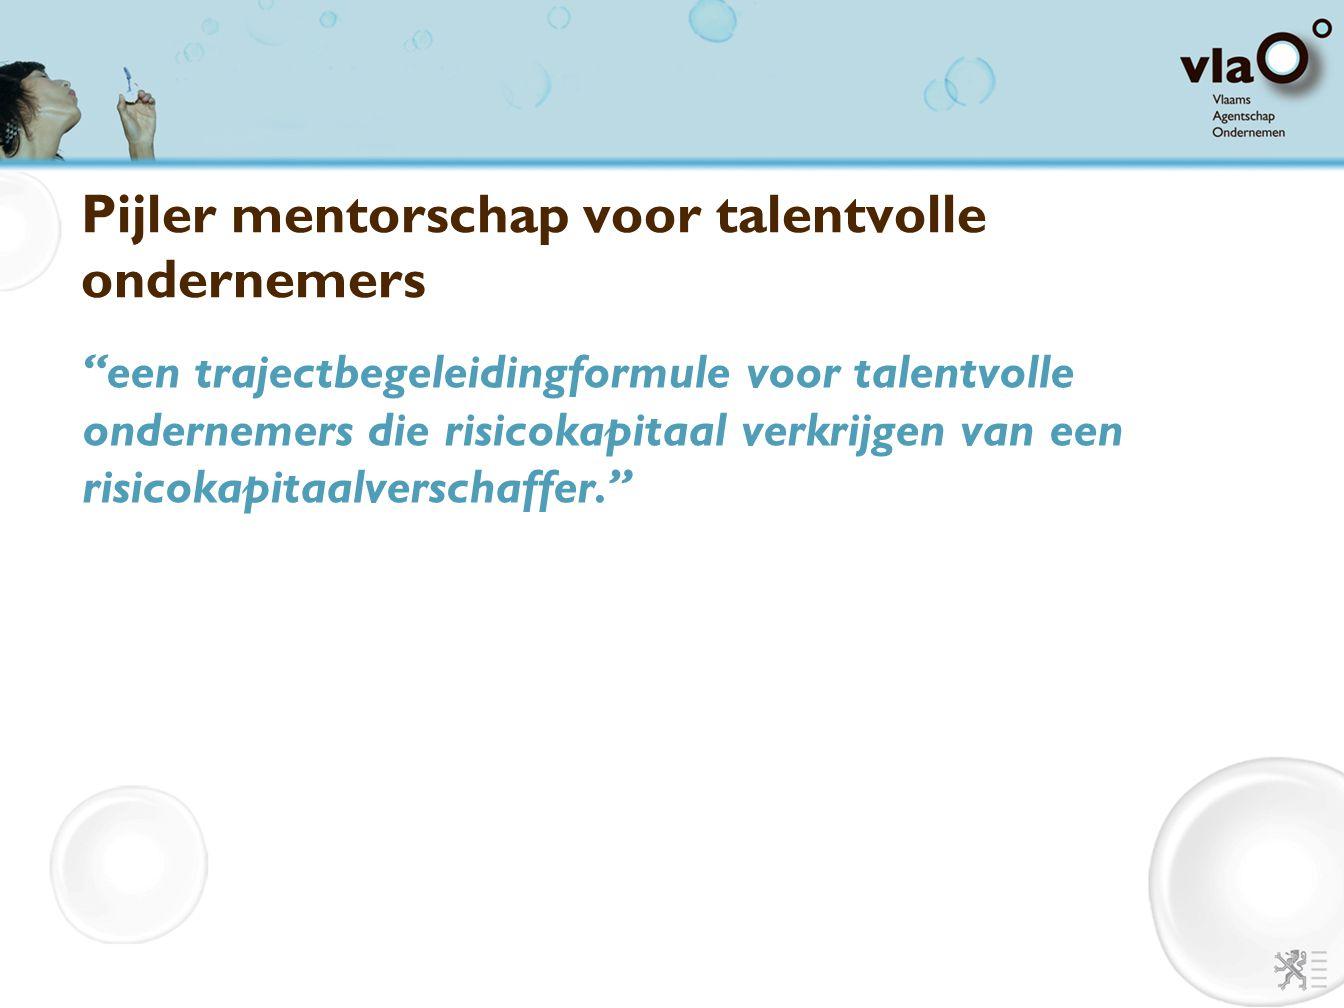 Pijler mentorschap voor talentvolle ondernemers